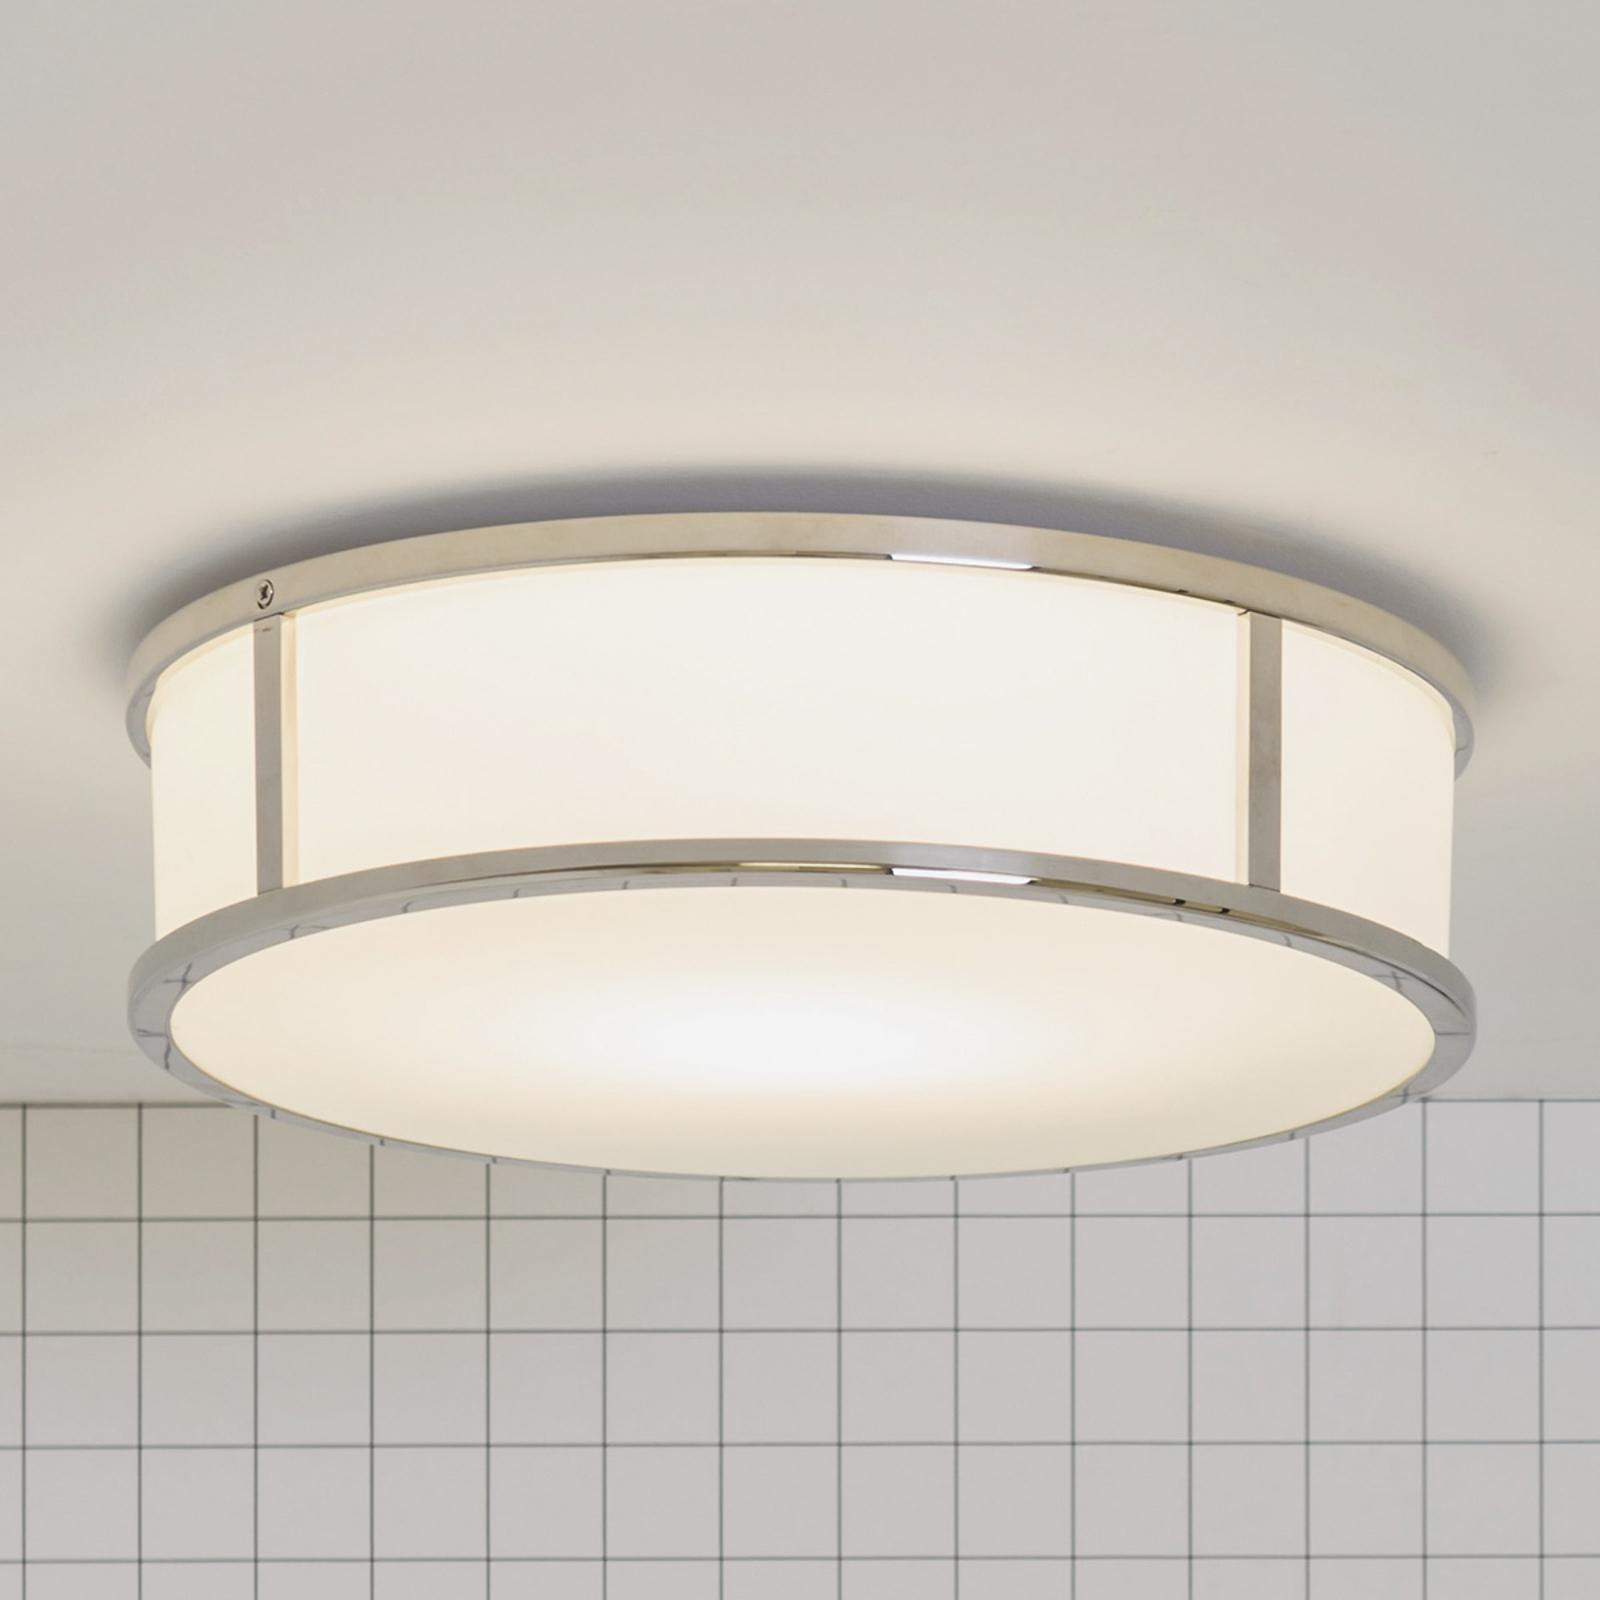 Astro Mashiko Round ceiling light Ø 30 cm chrome_1020466_1